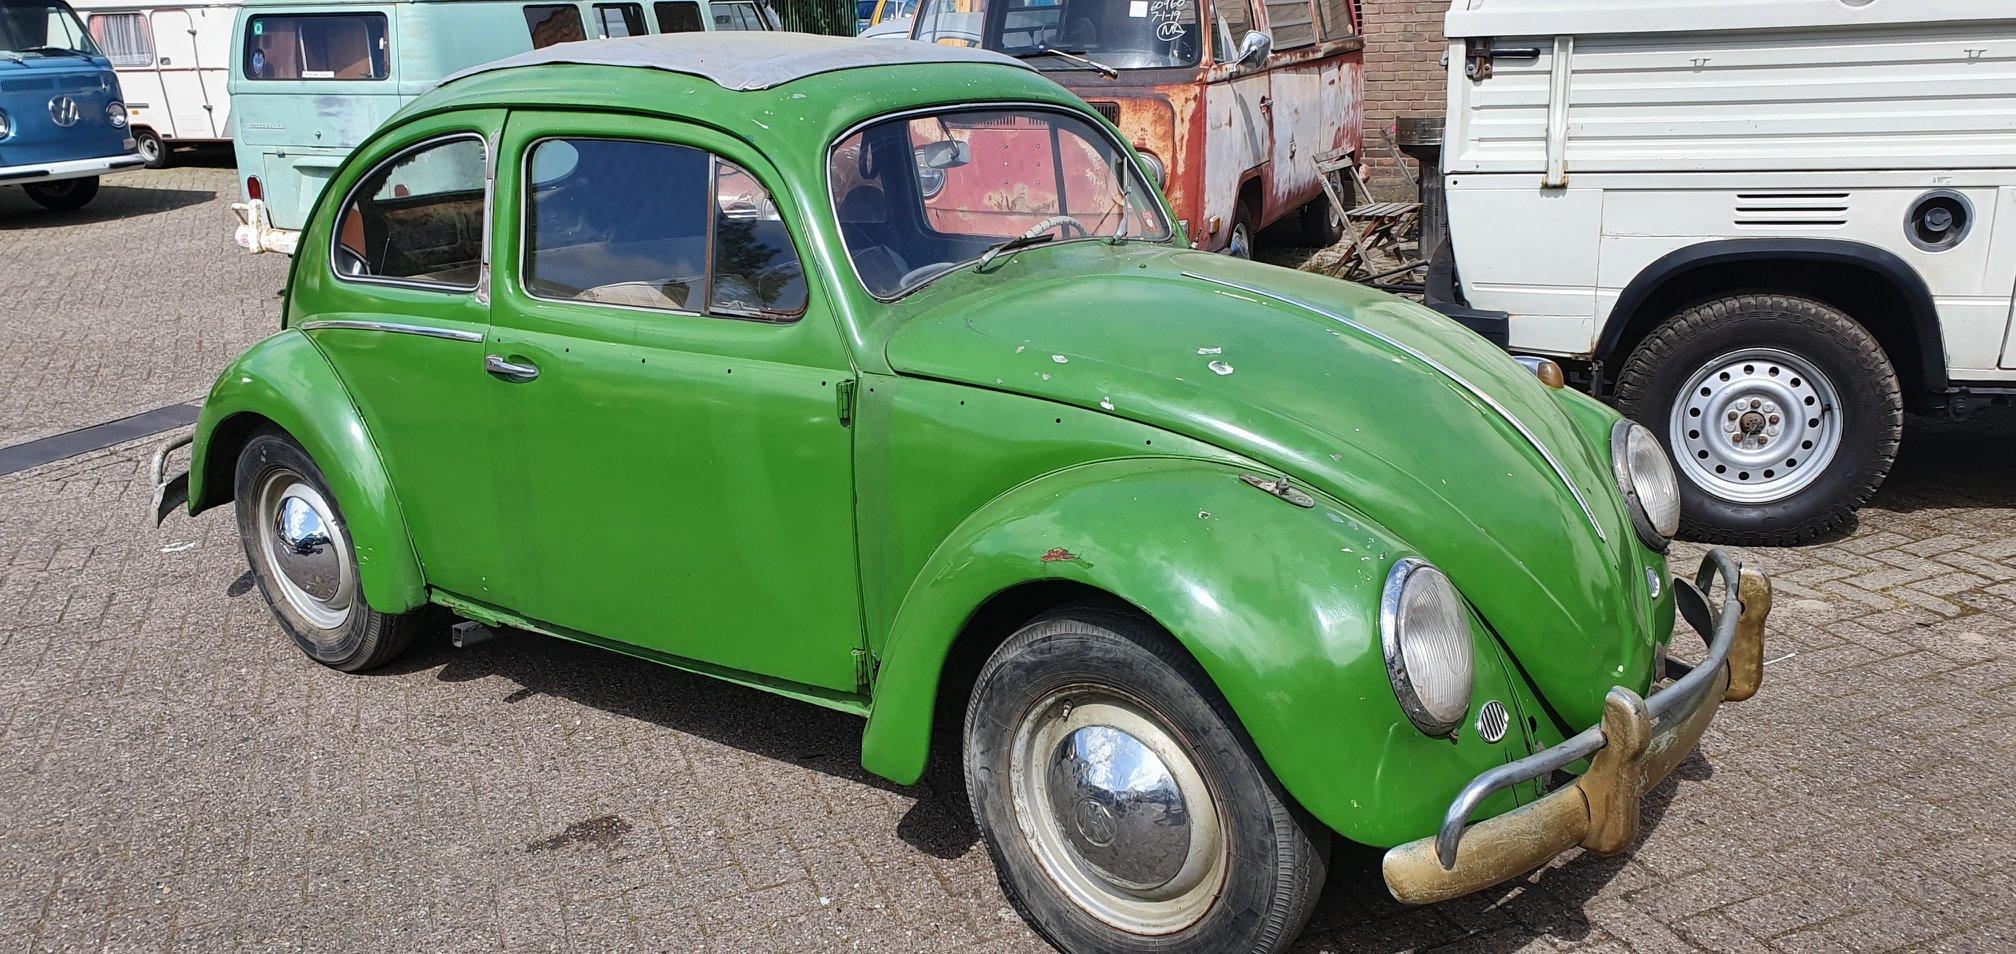 1957 Volkswagen Beetle, VW Kafer, VW V Beetle For Sale (picture 2 of 6)